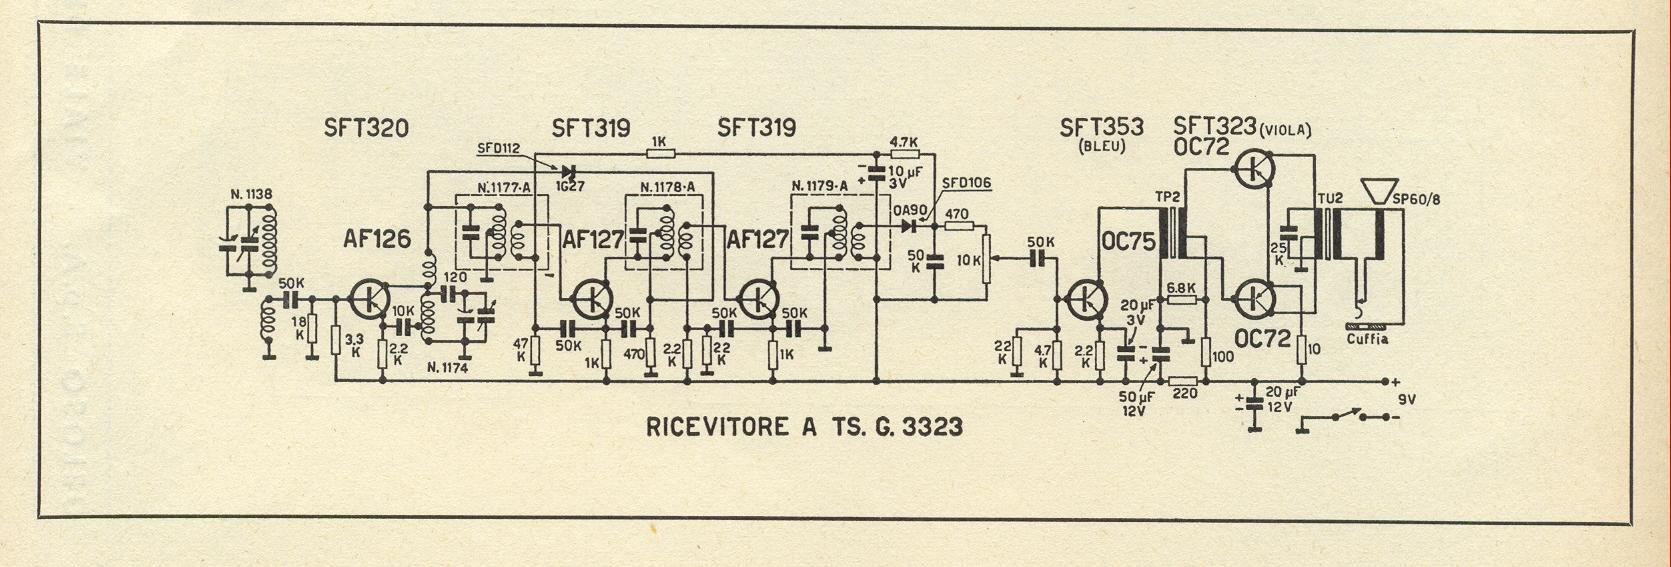 Schemi Elettrici Radio : Schemi elettrici radio minerva schema phonola r